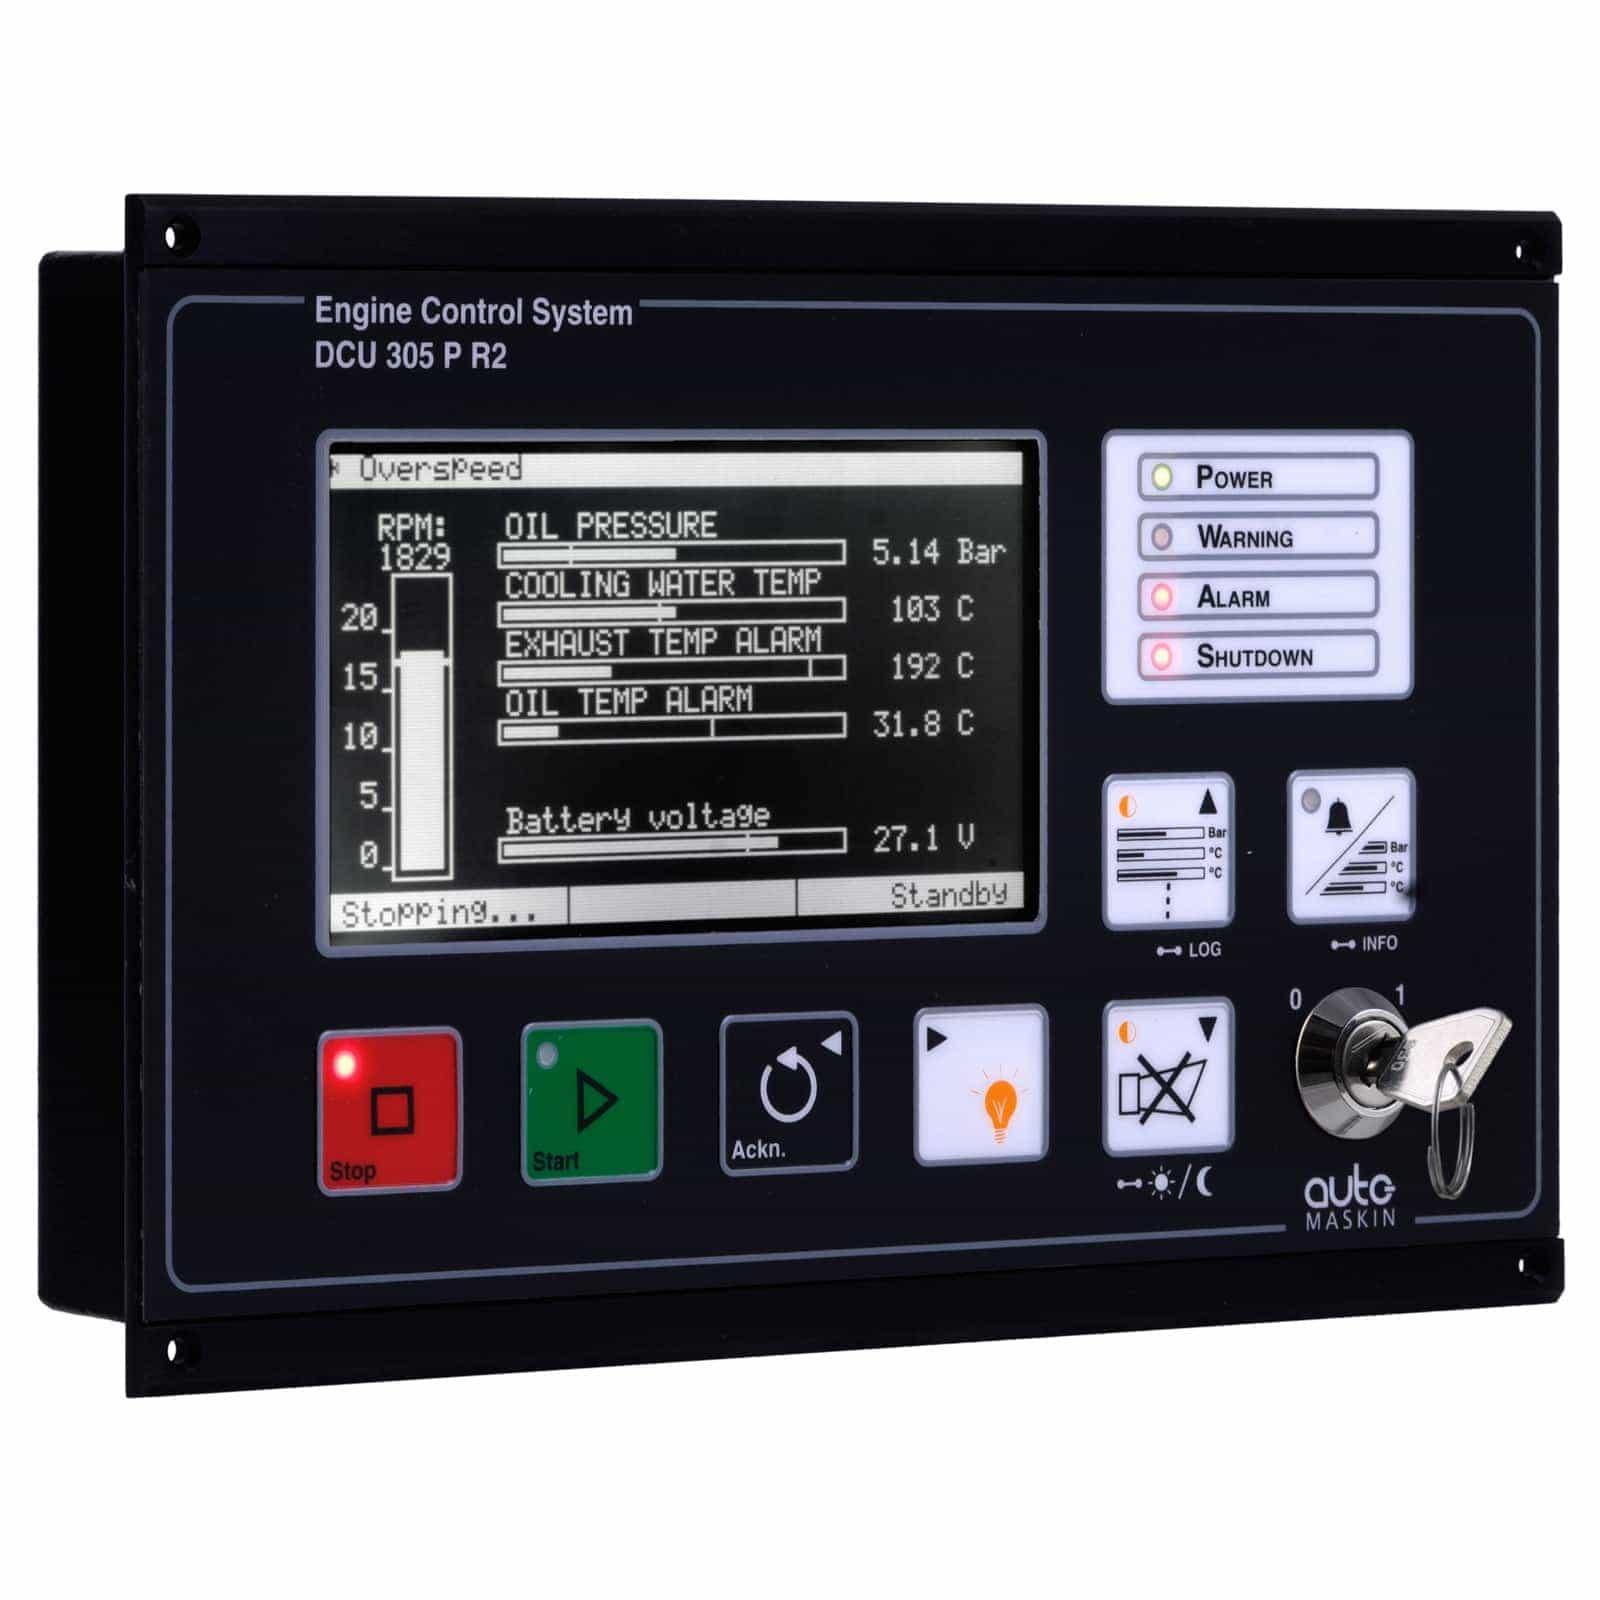 Engine Control Console : Dcu r engine controller auto maskin